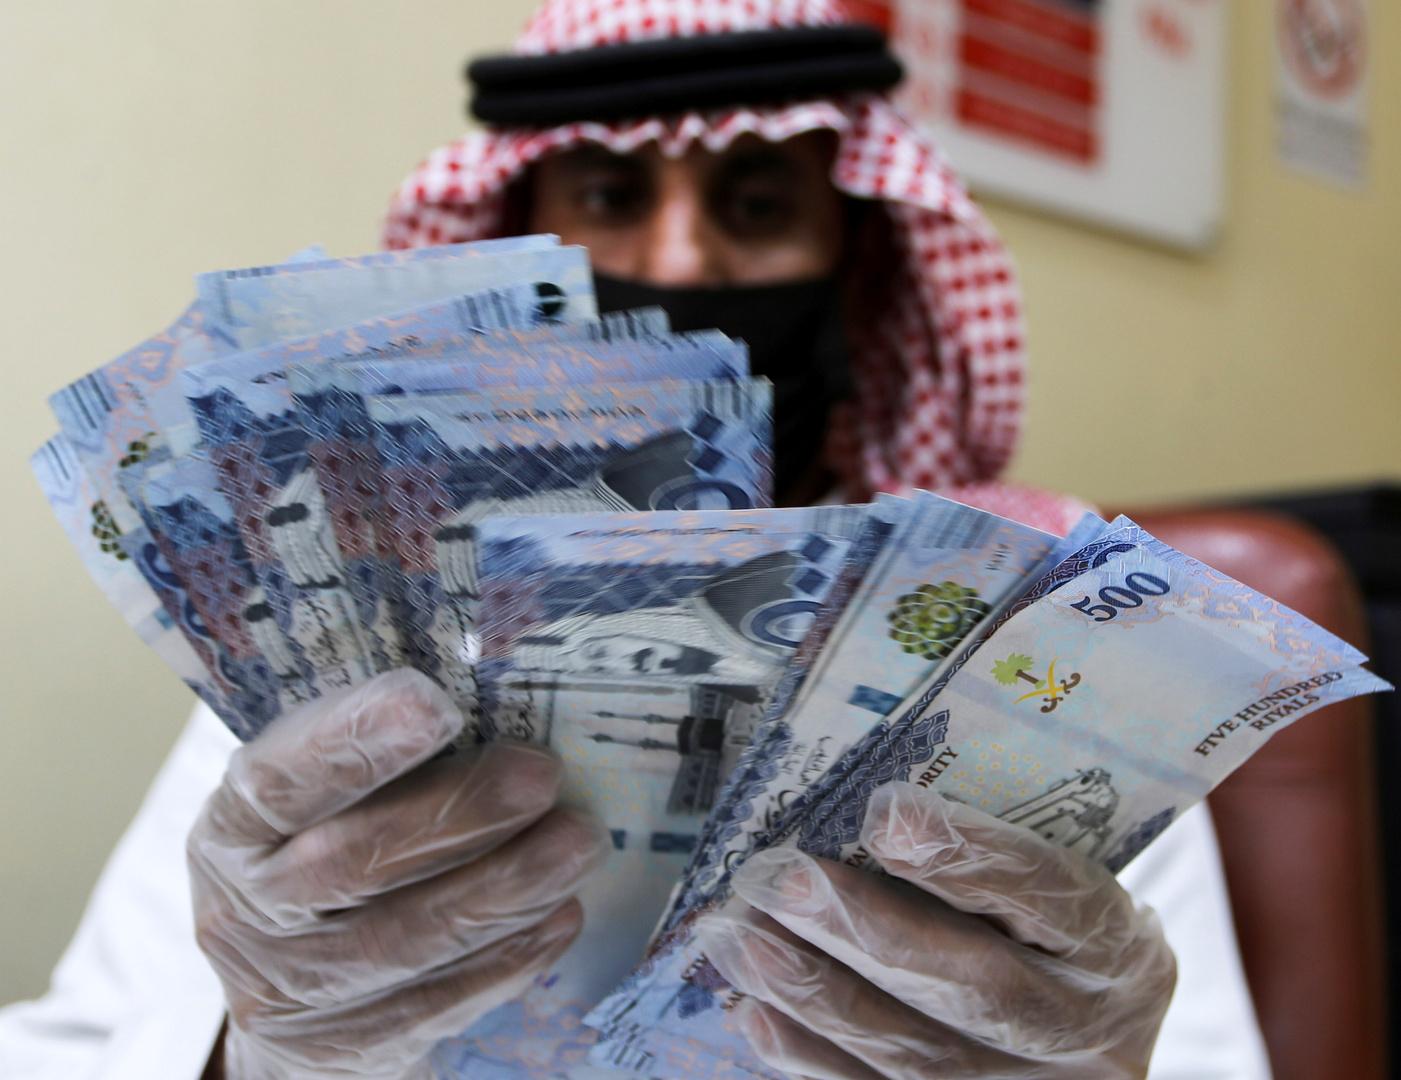 انخفاض الموجودات والاحتياطي العام منذ بداية 2020.. السعودية تنشر بيانات مالية رسمية